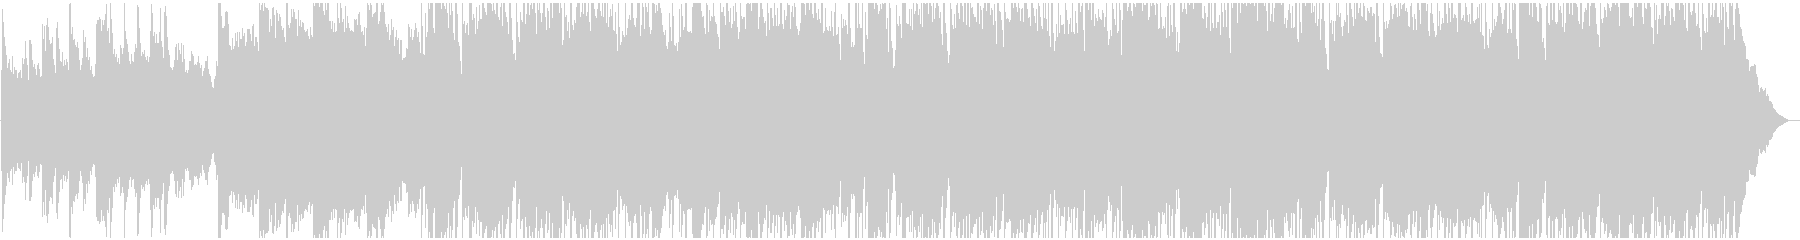 ソフトポップバックグラウンドミュー...の未再生の波形